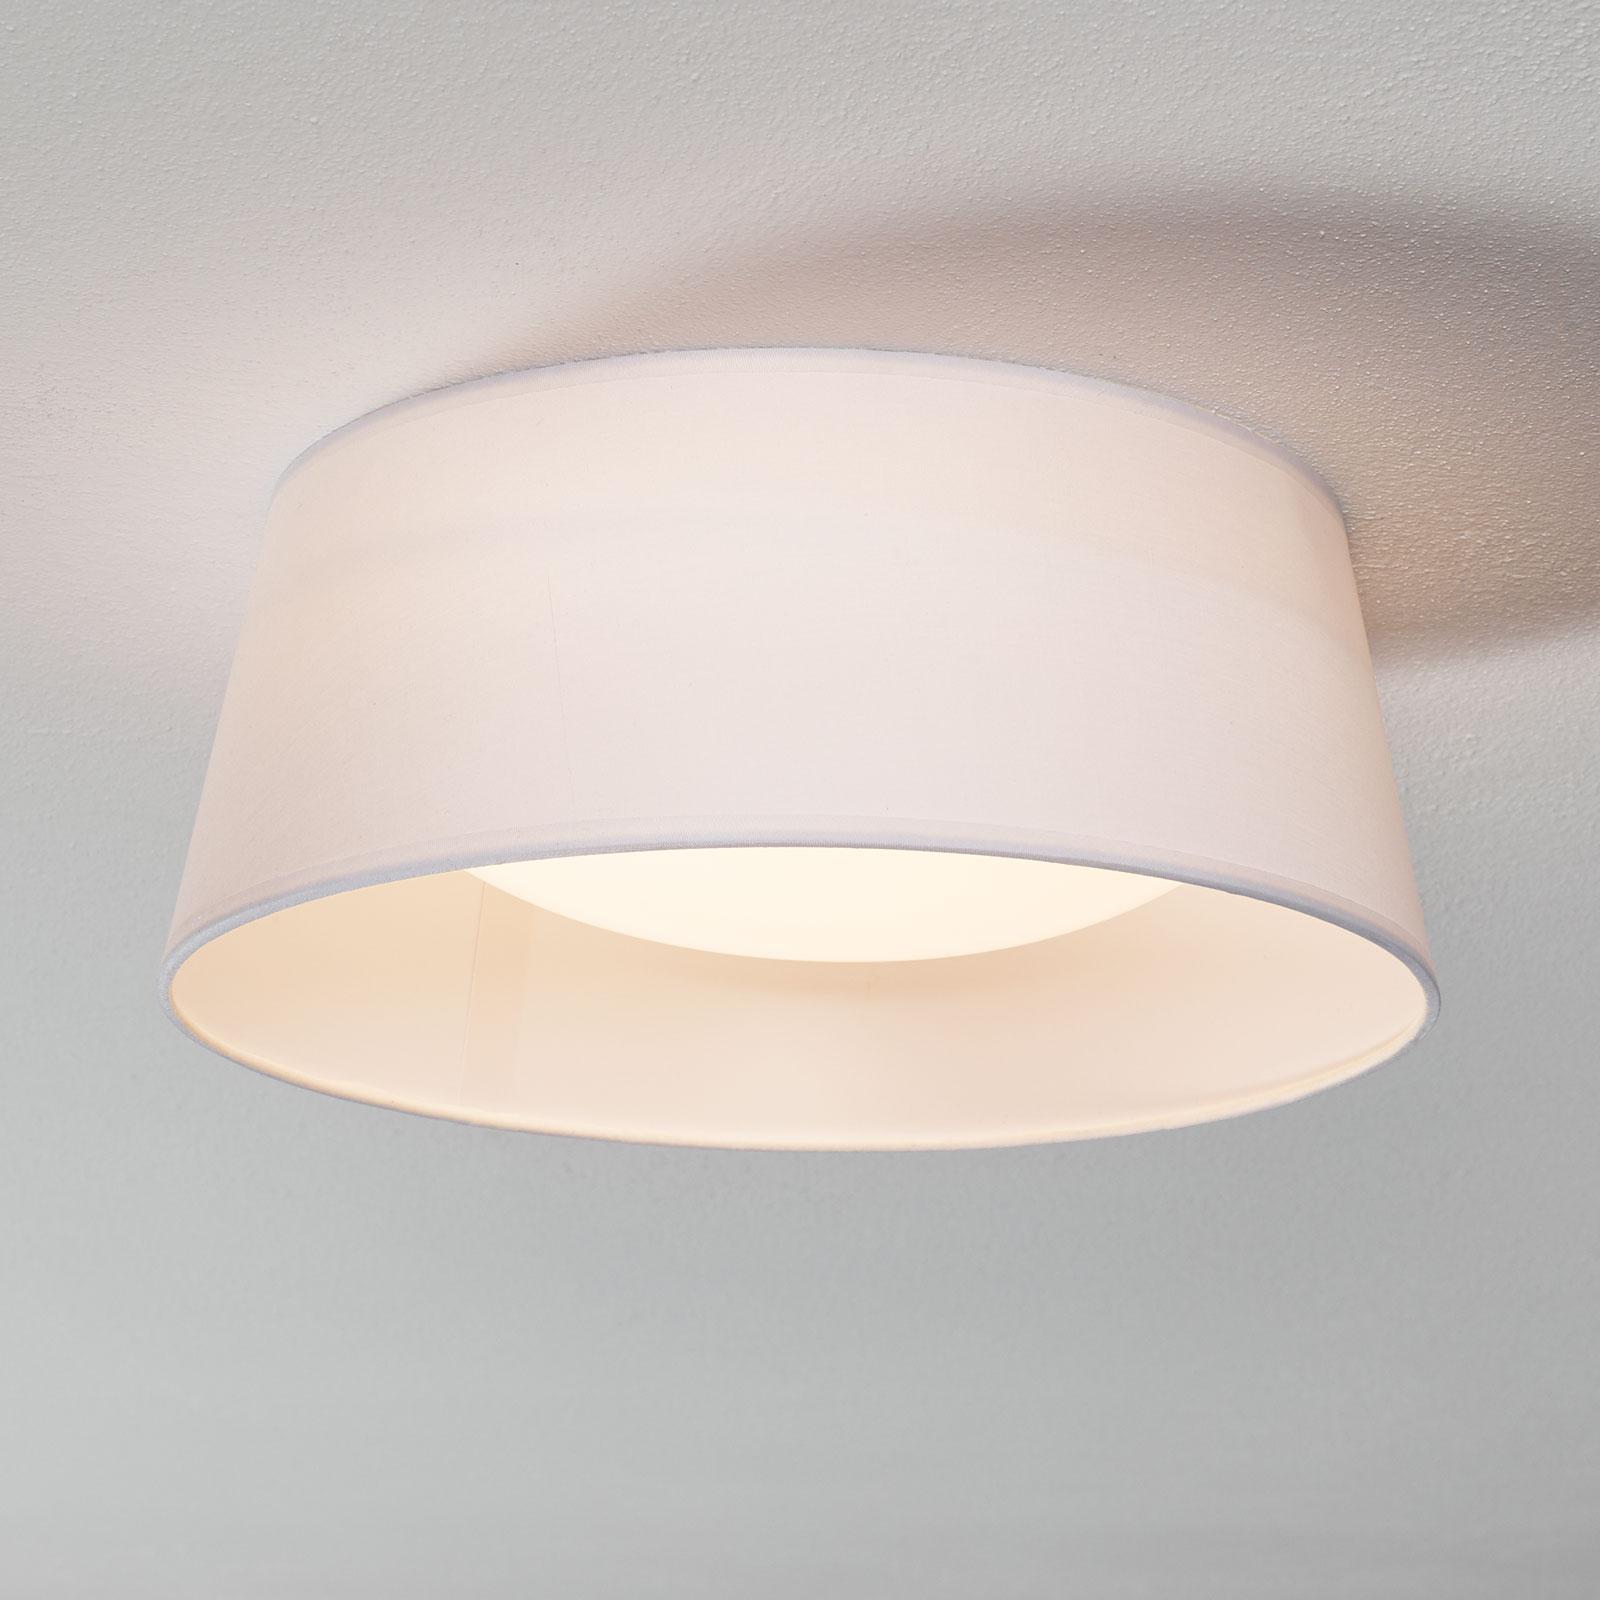 Hvit taklampe Ponts i tekstil, med LED-lys